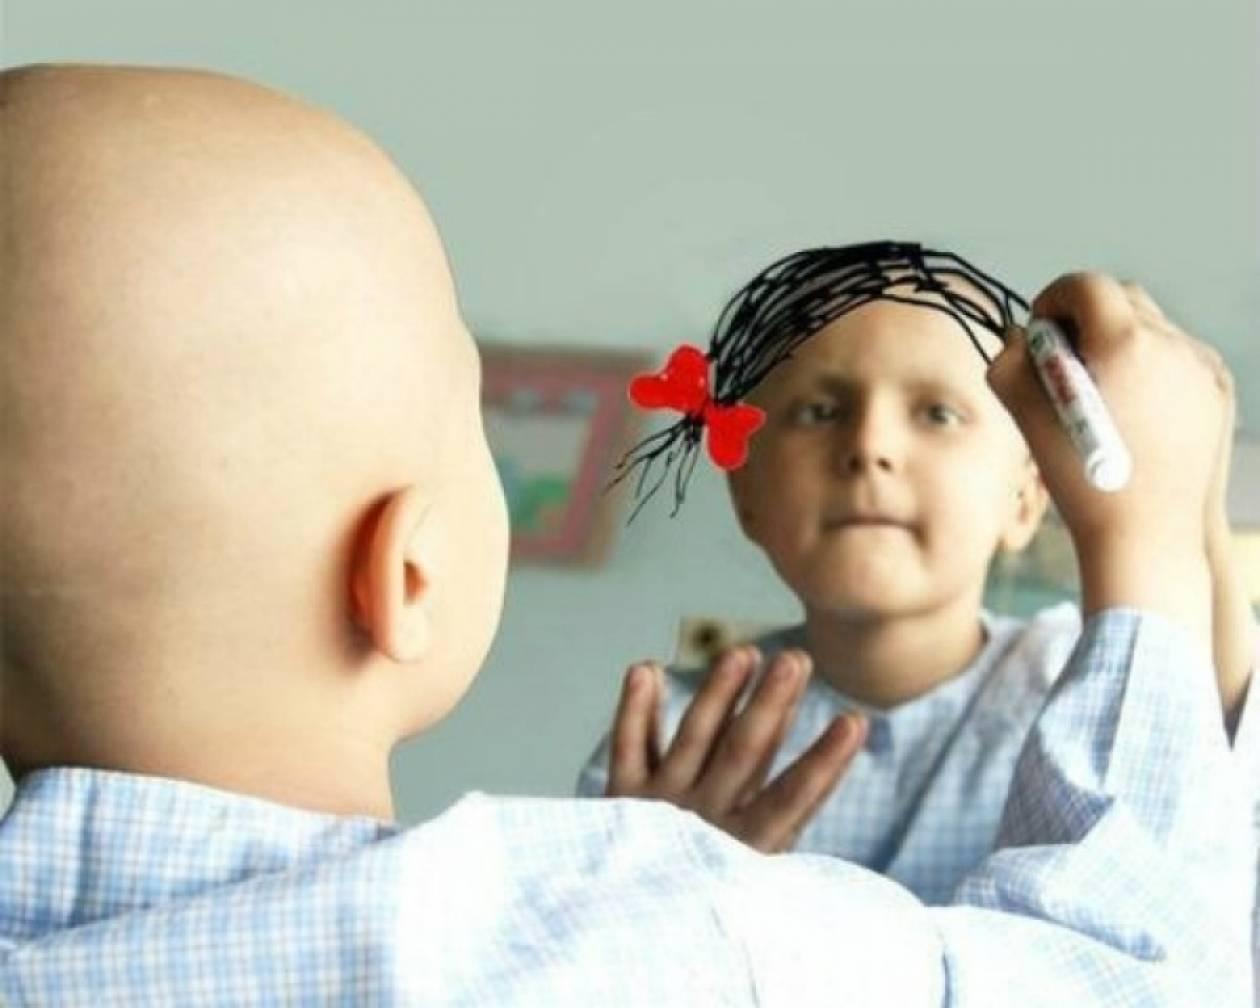 Η φωτογραφία ενός κοριτσιού με καρκίνο που συγκίνησε το Twitter!